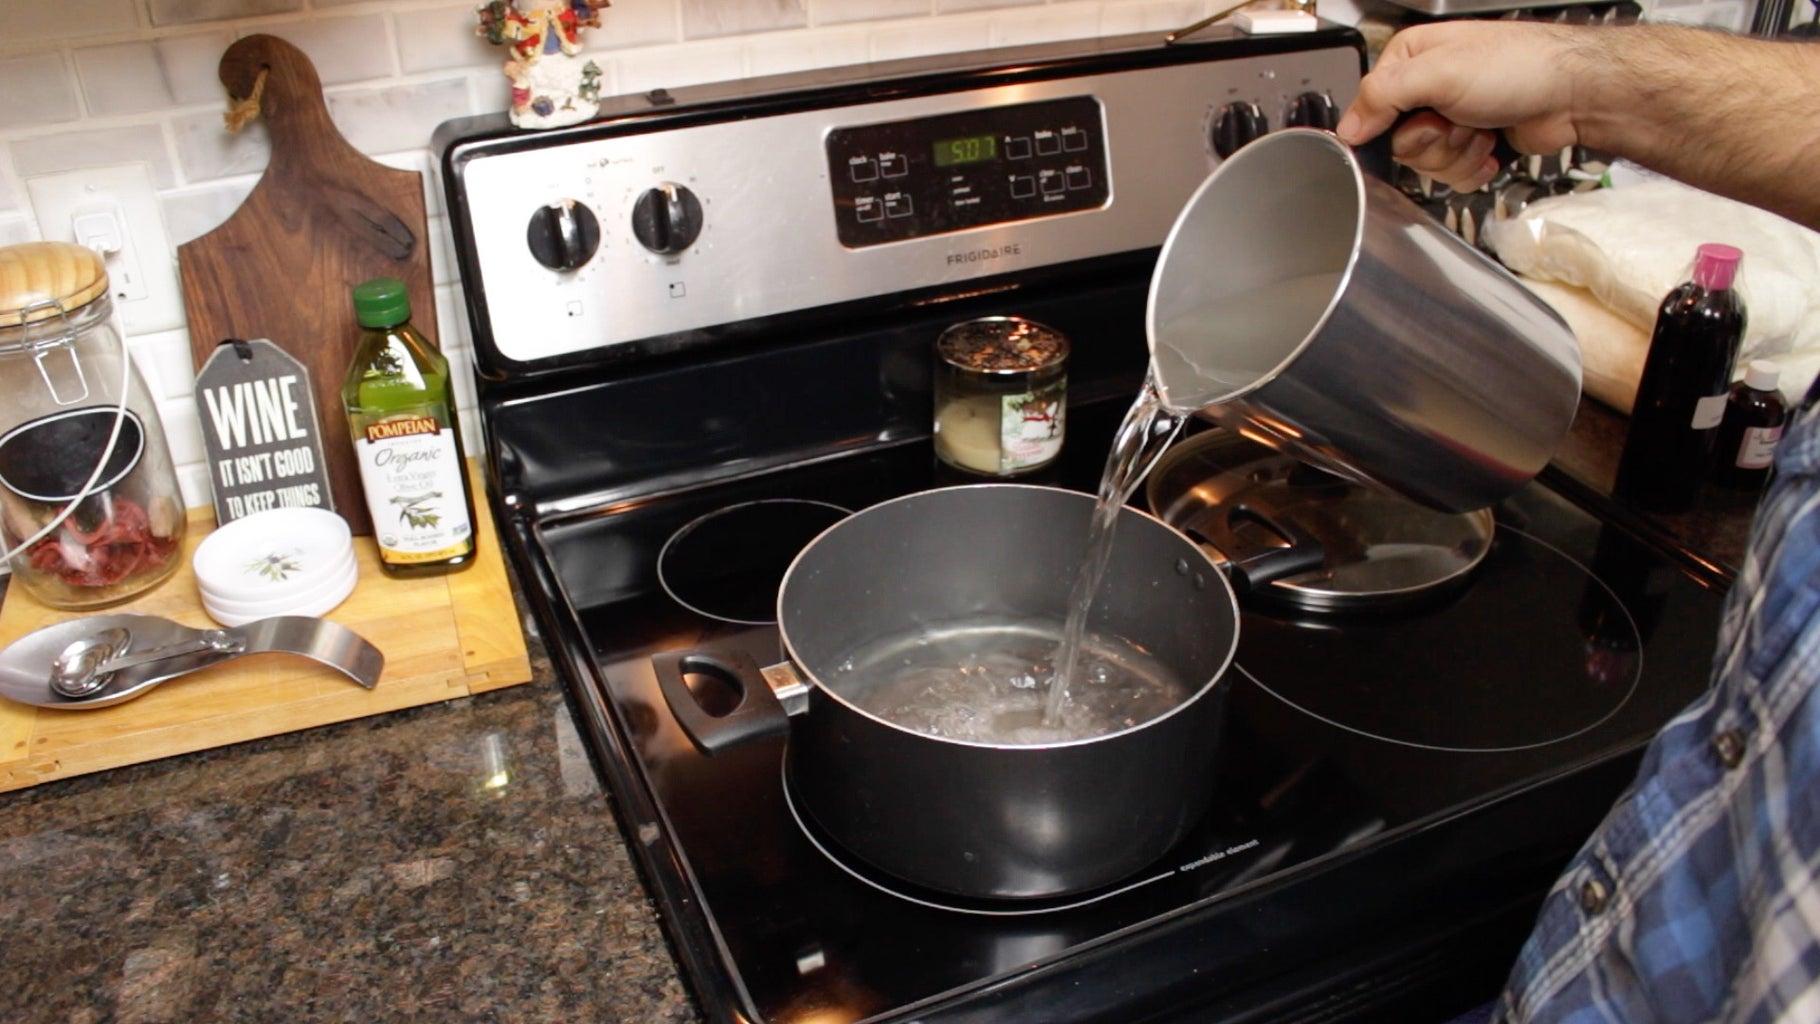 Double Boil